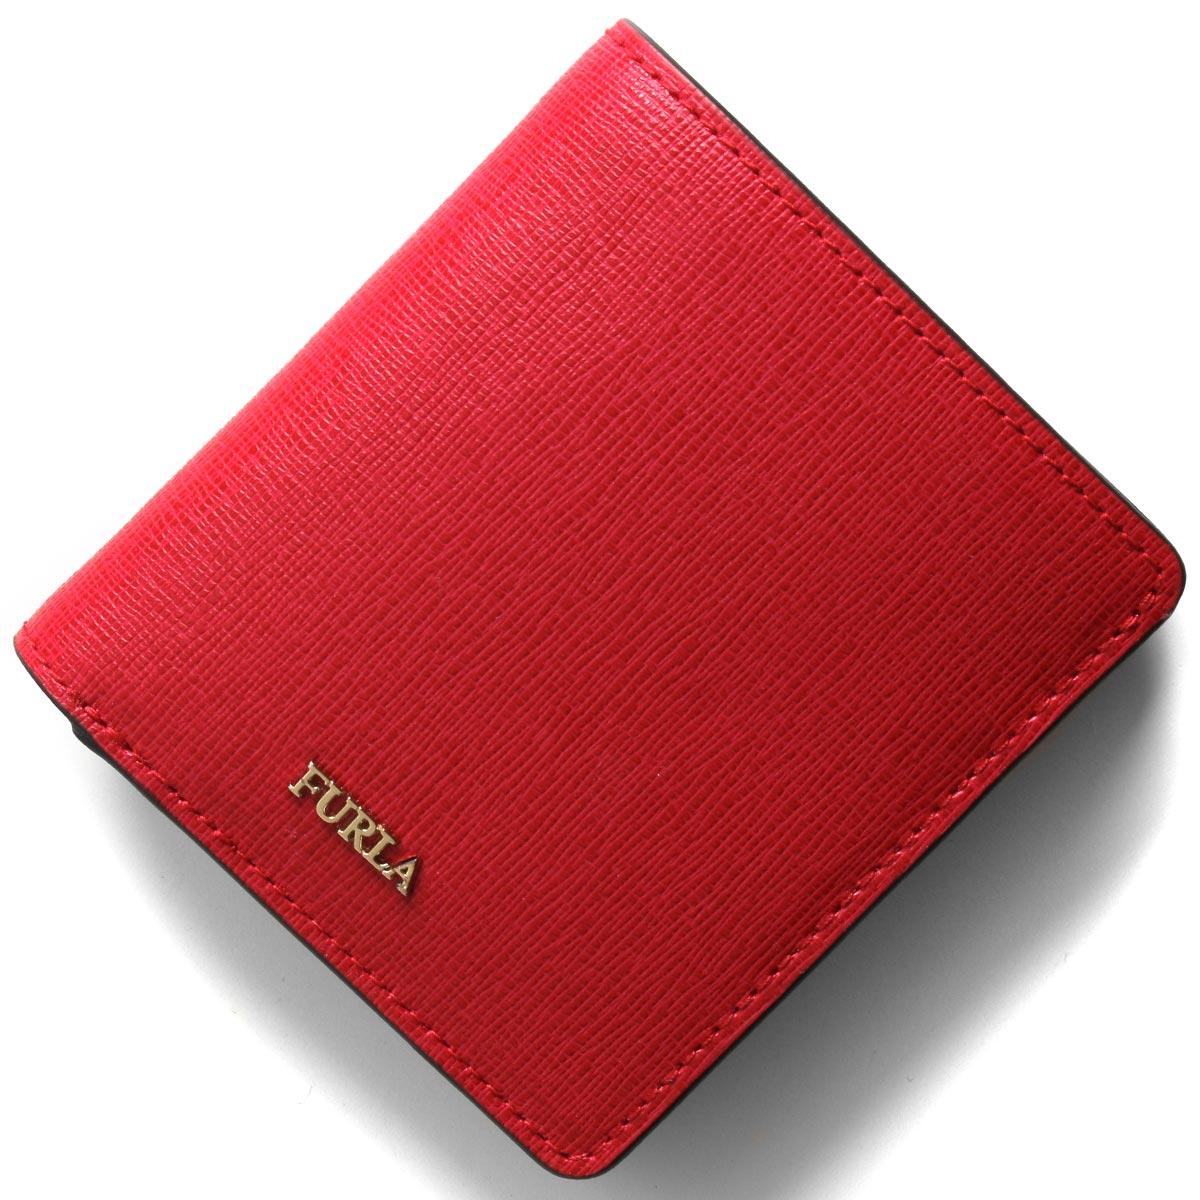 フルラ 二つ折り財布/ミニ財布 財布 レディース バビロン スモール ルビーレッド PR74 B30 RUB 871001 FURLA